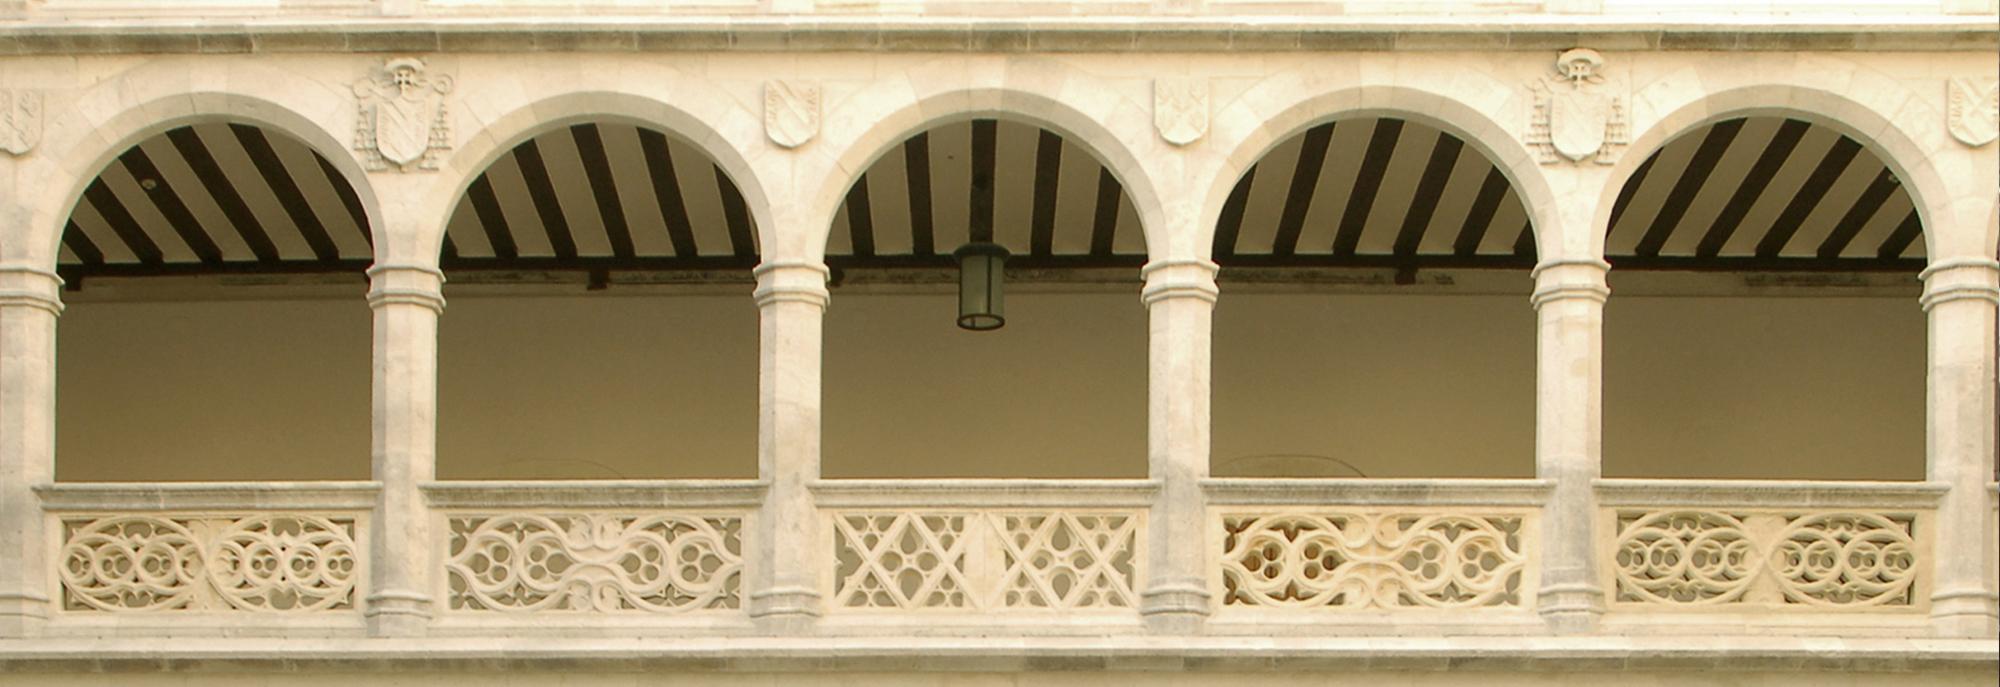 Rehabilitación del Palacio de Santa Cruz